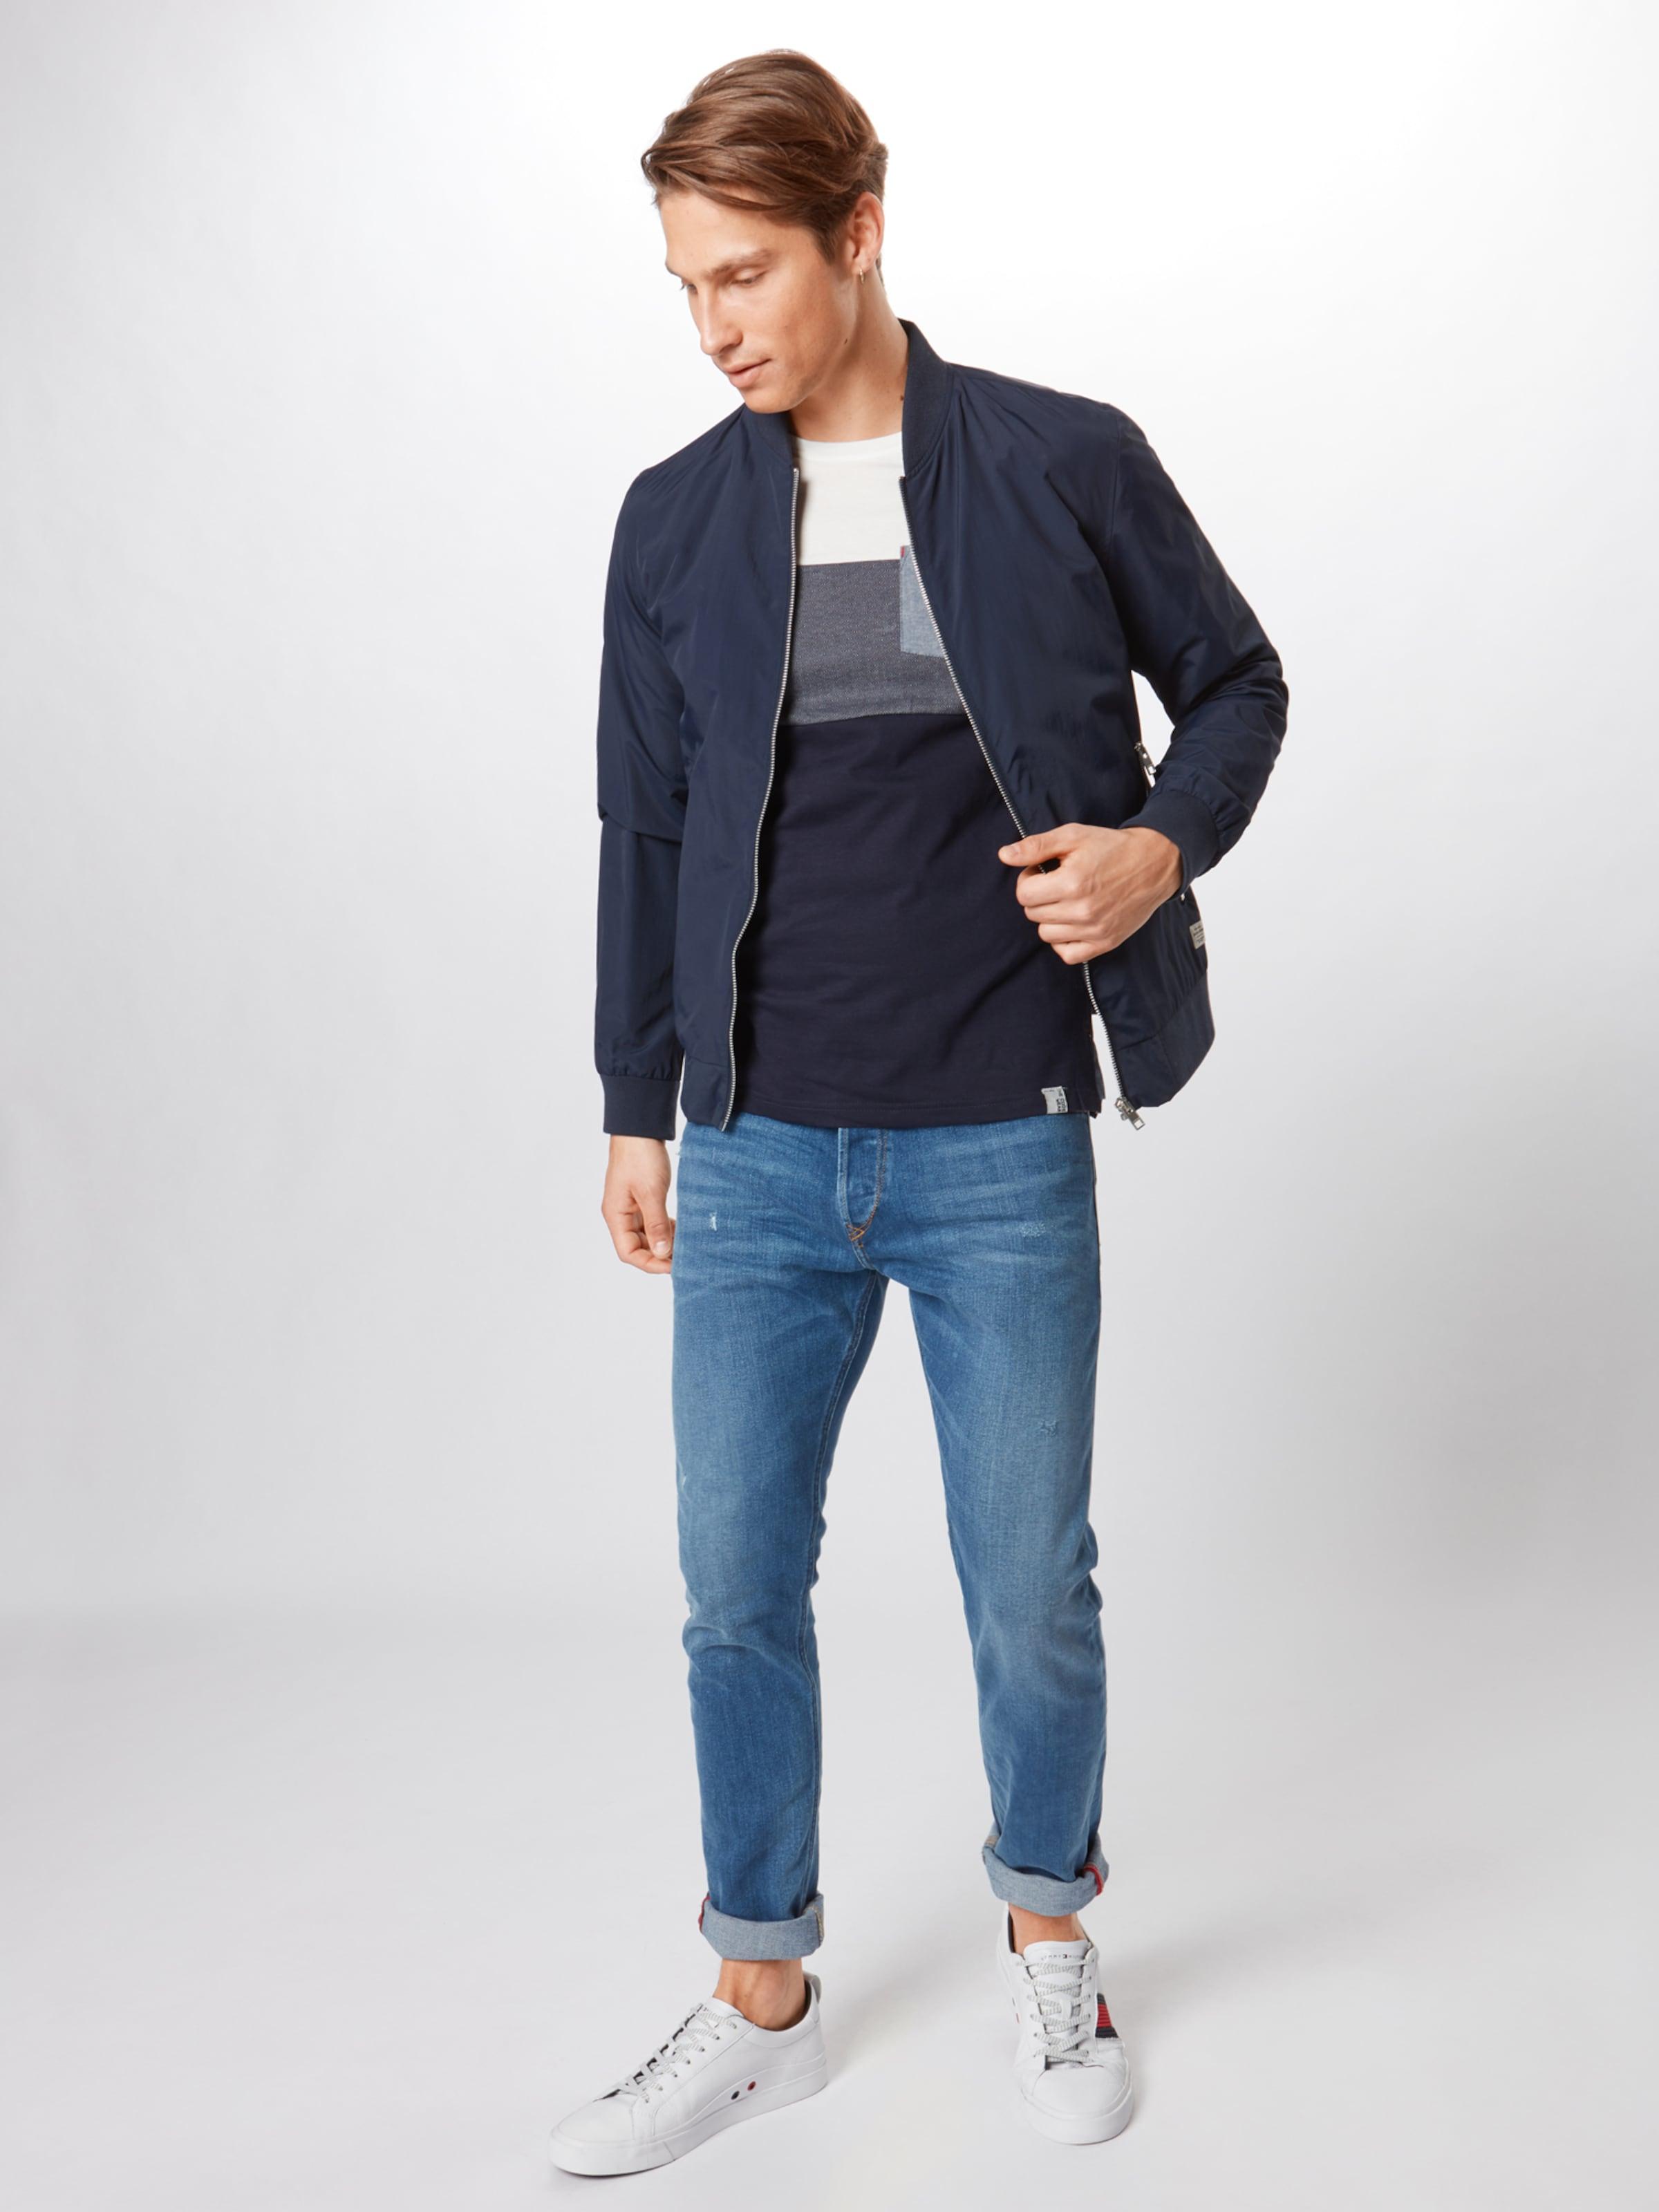 Bleu FoncéBlanc 'clemens' Jeans T Indicode shirt En w8nO0Pk